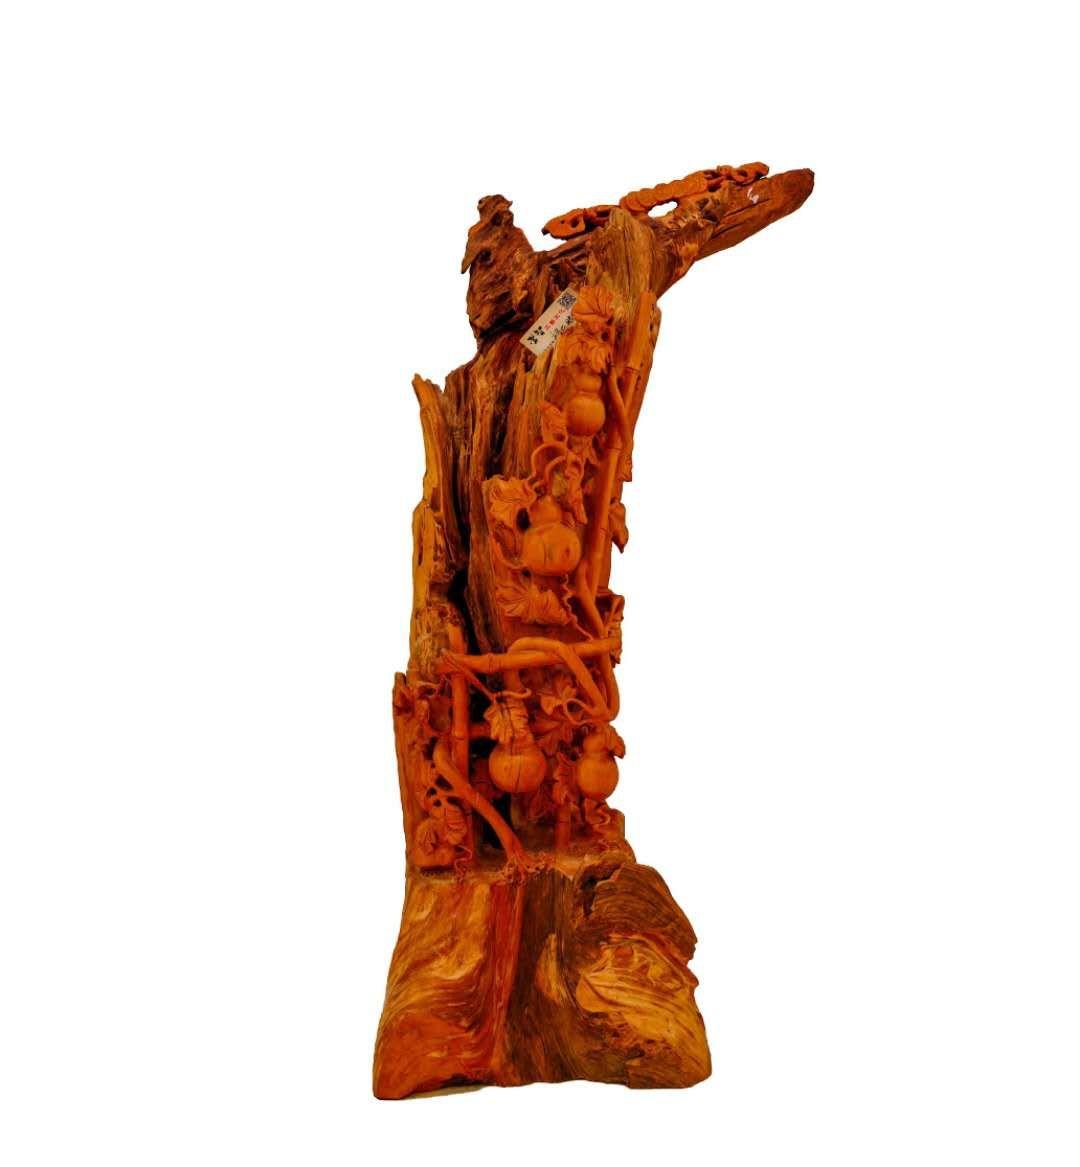 制作根雕工艺品的流程是什么